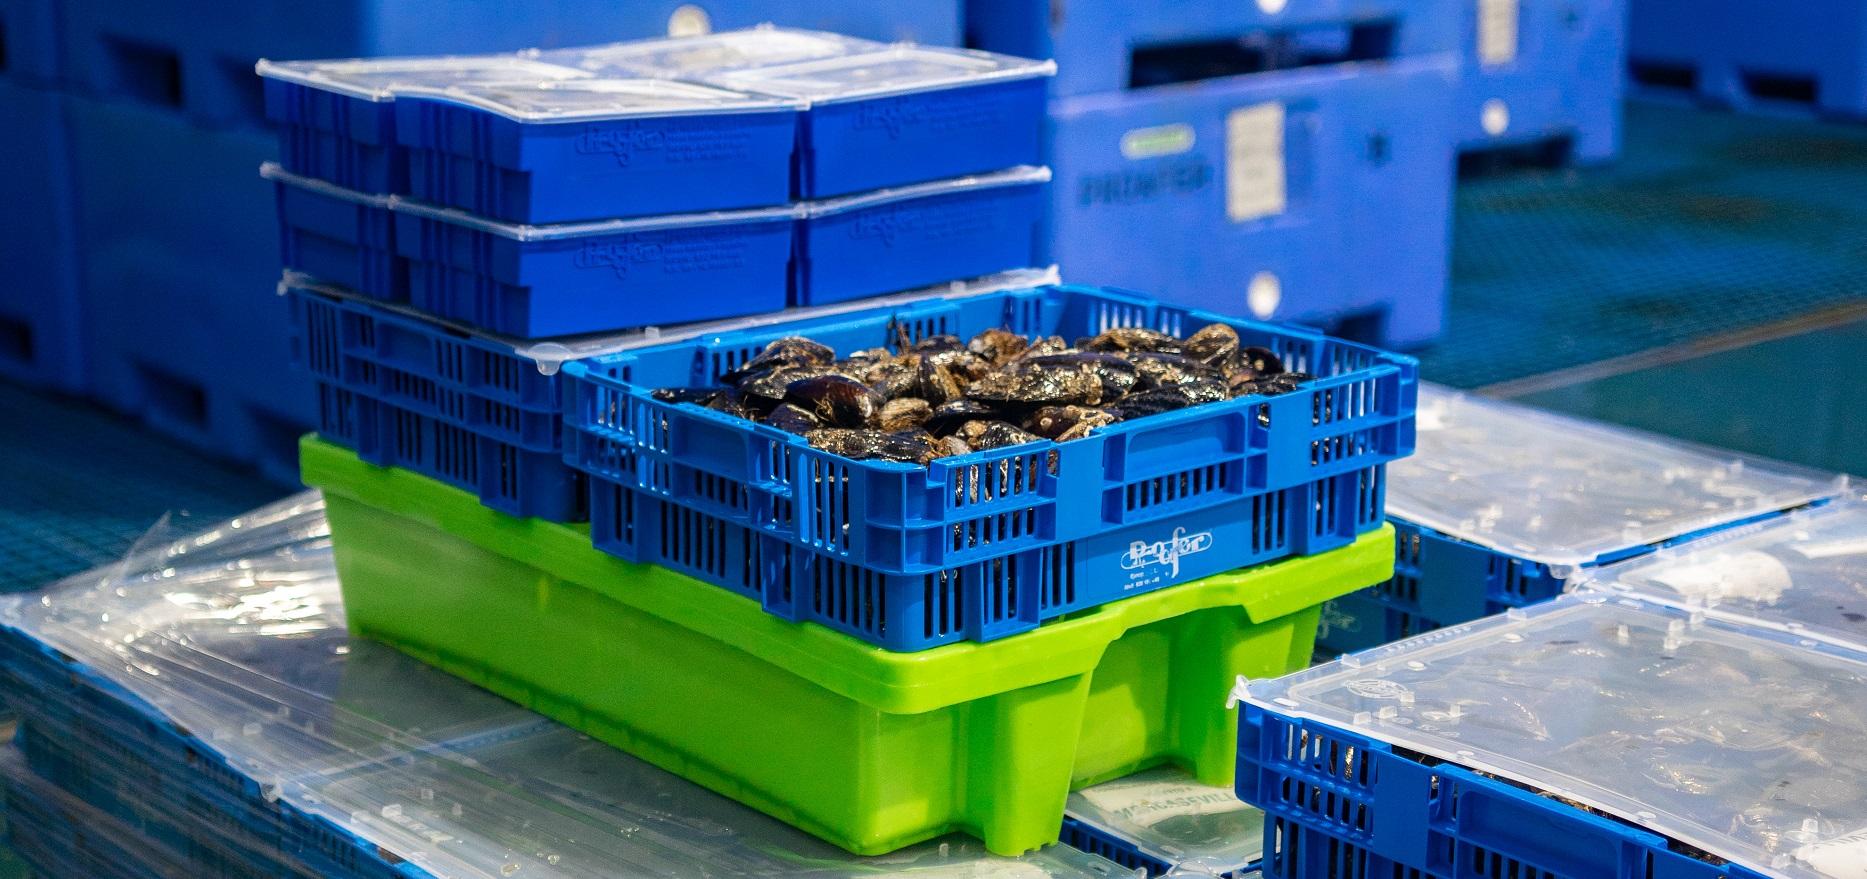 Cajas de plastico en depuradora de mariscos